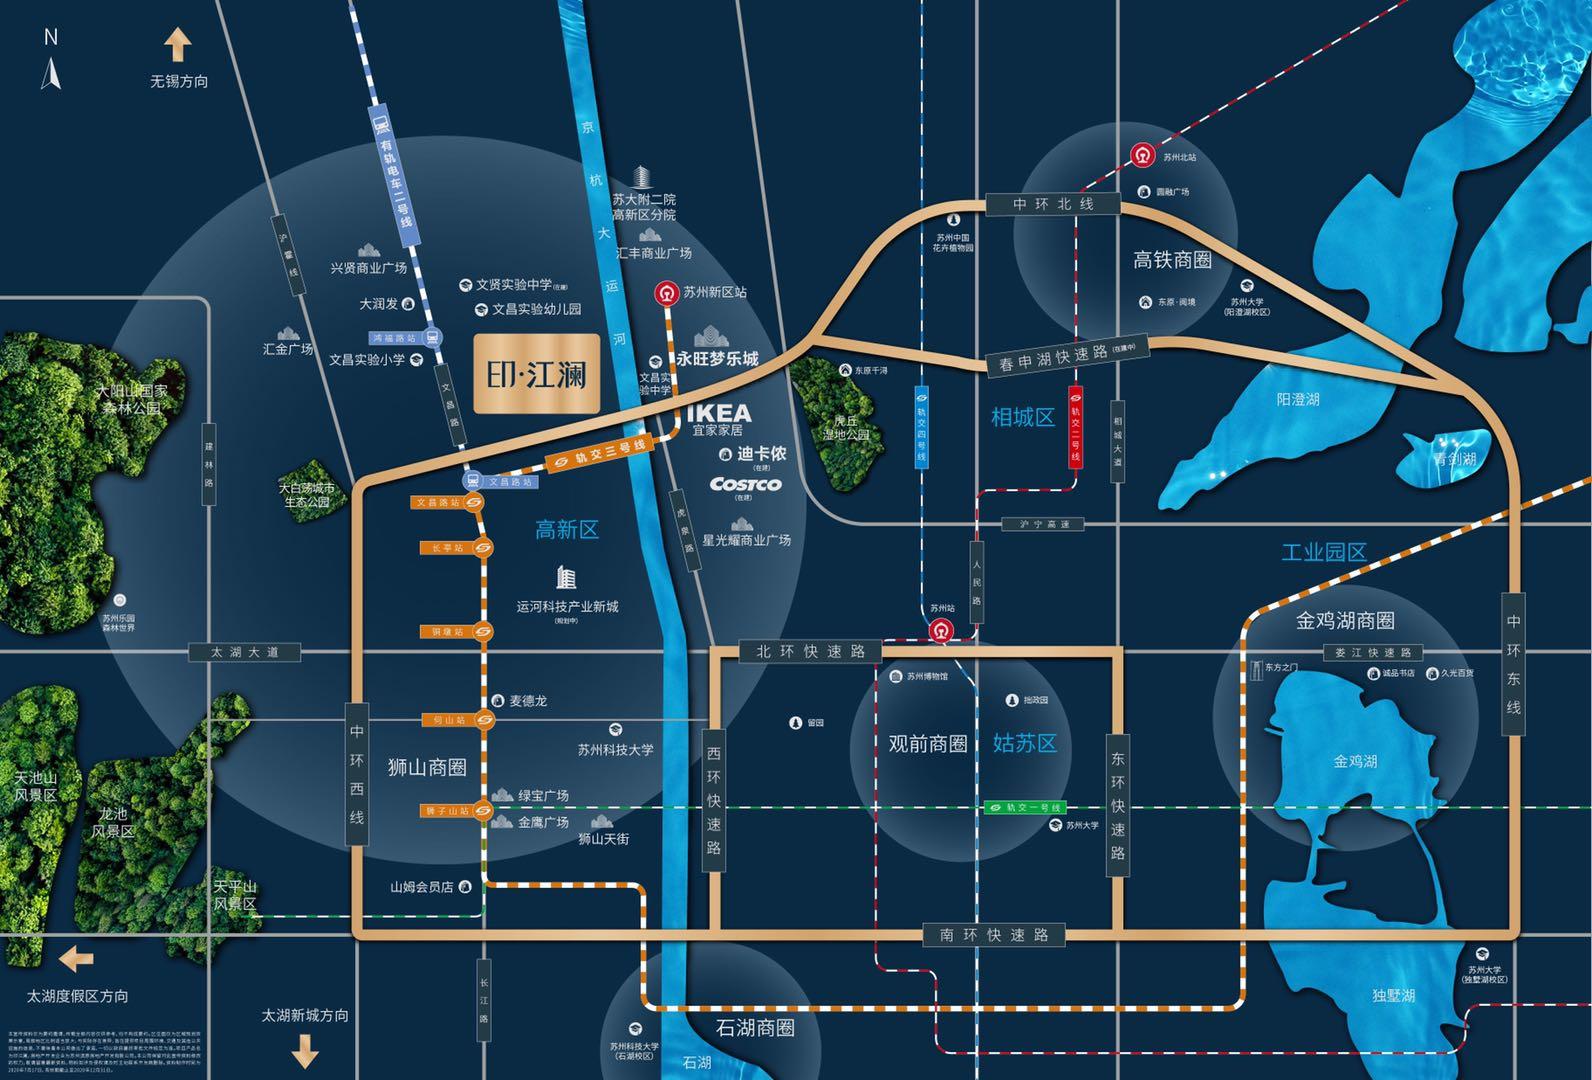 苏州印澜岸花园周边配套设施 项目最新规划 VR看房 绿化率